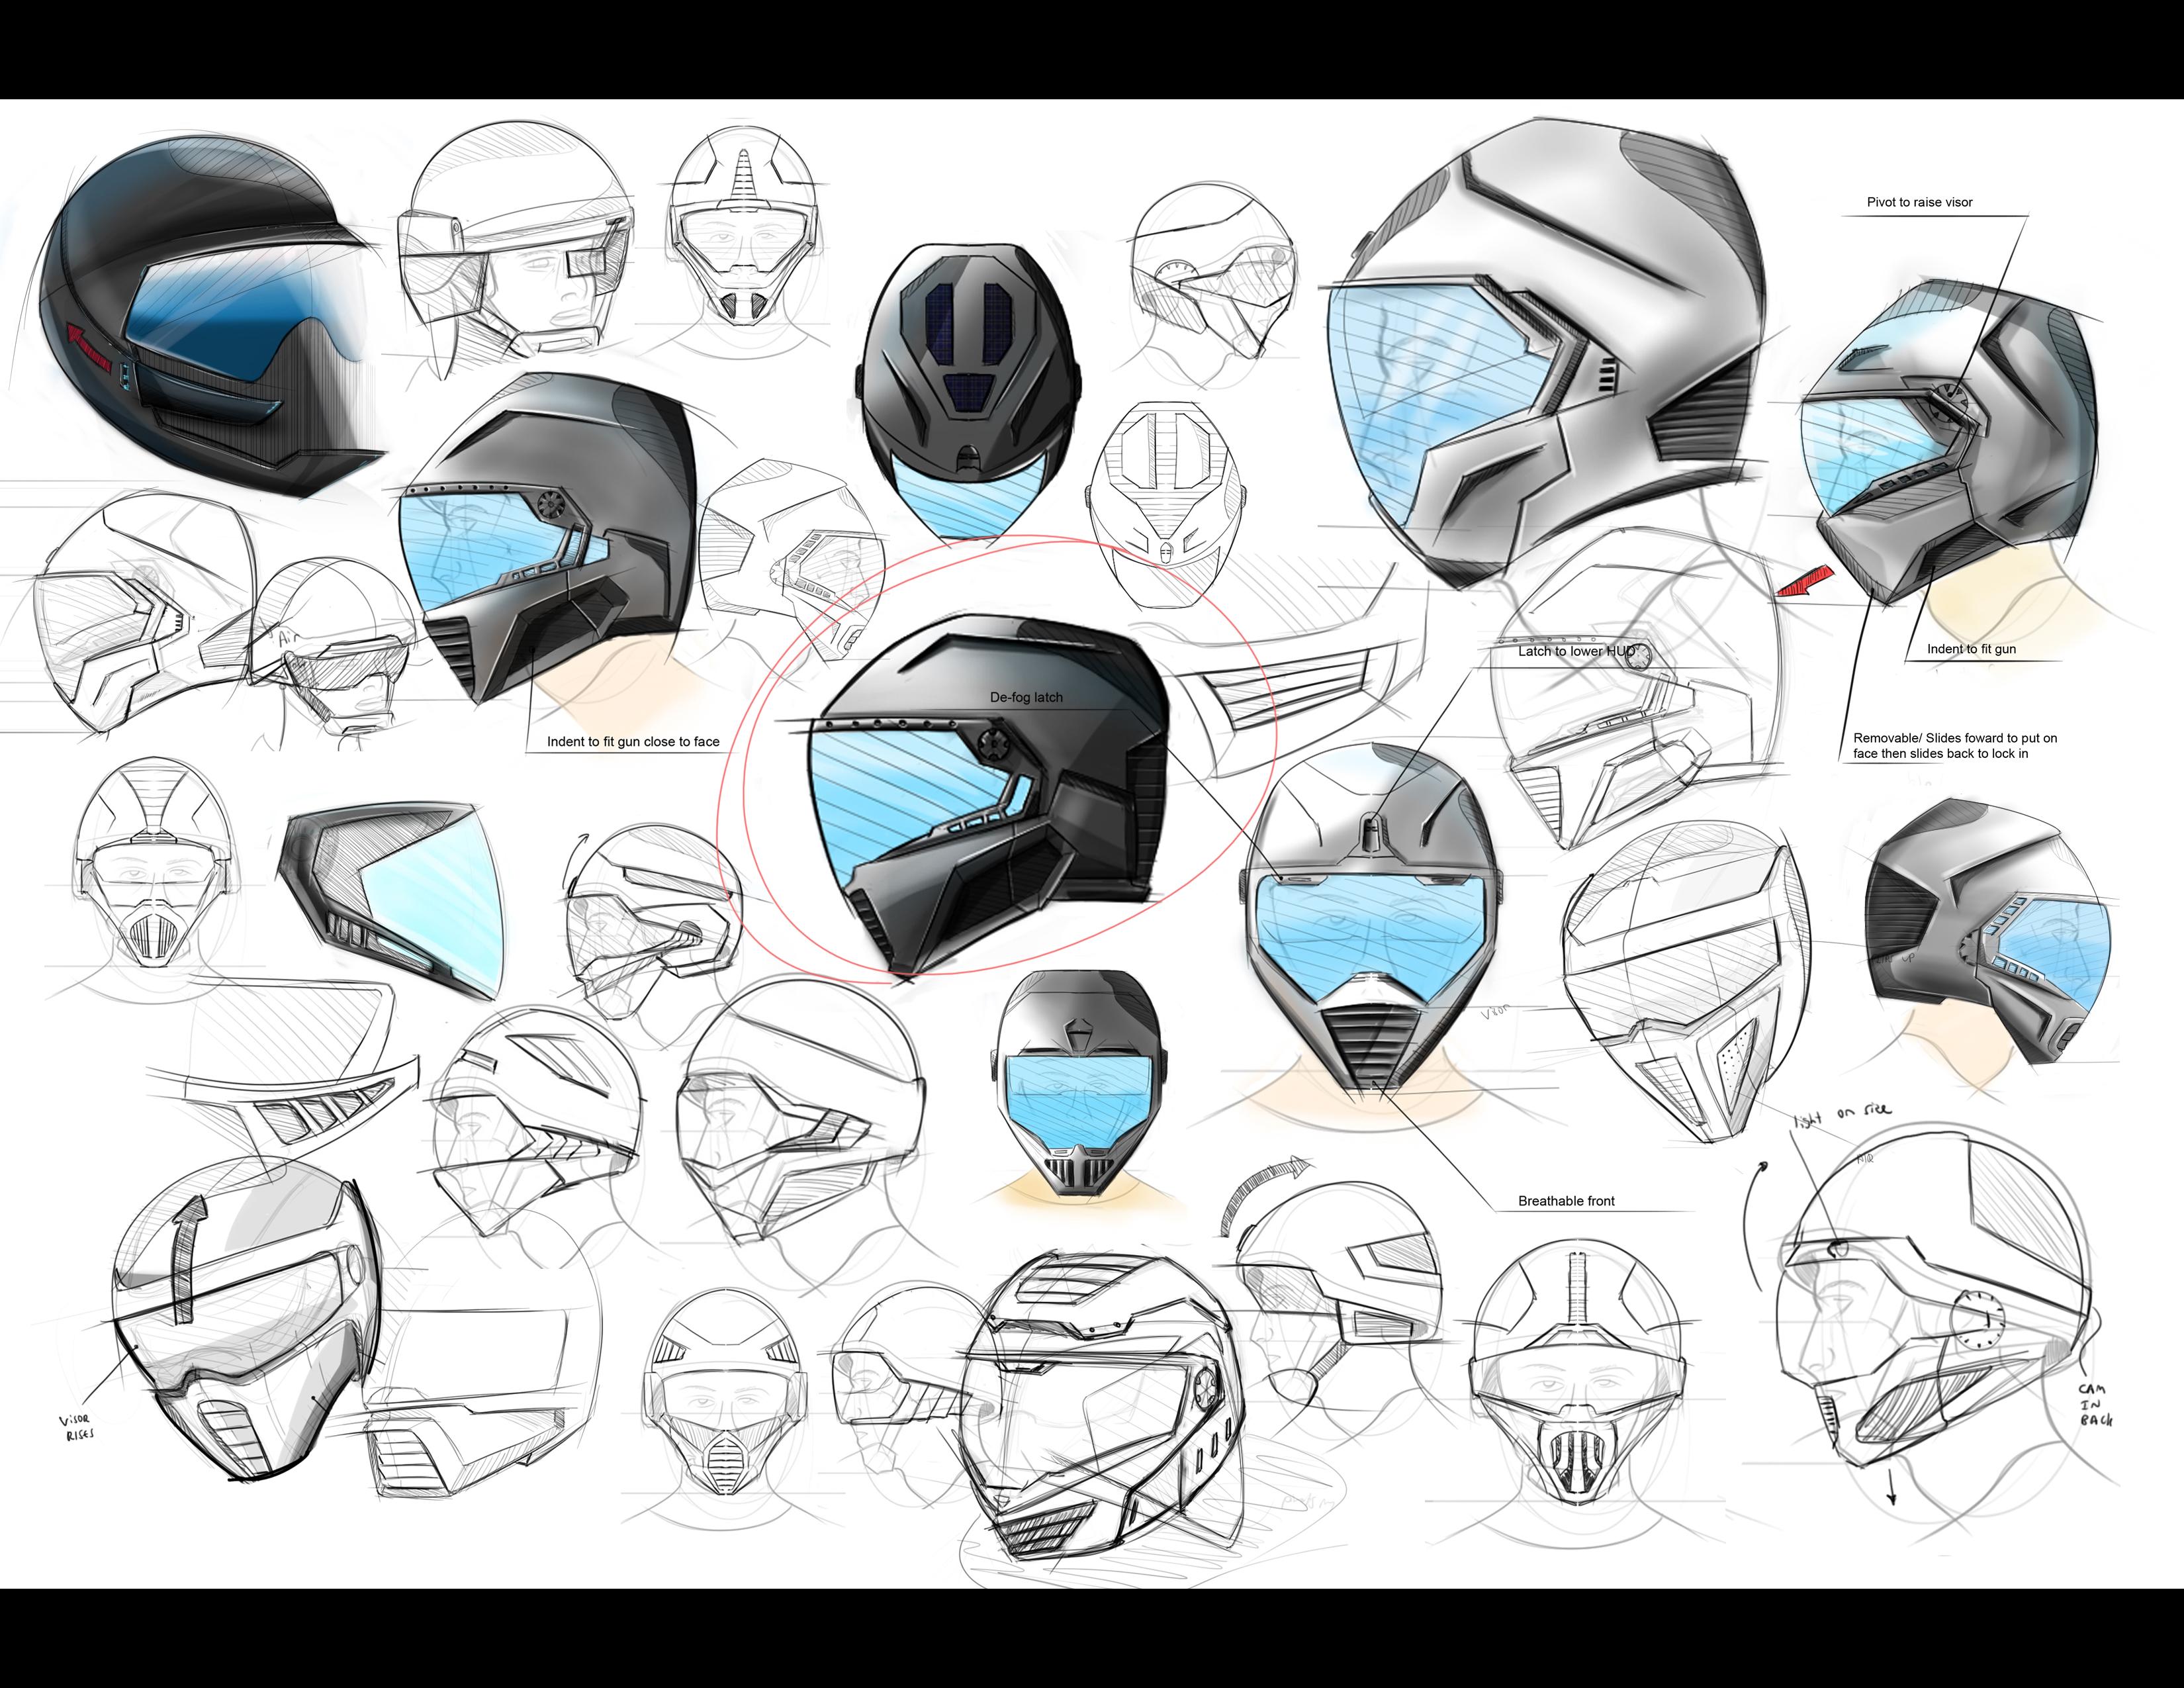 Senior studio military helmet by elliot cohen at coroflot com